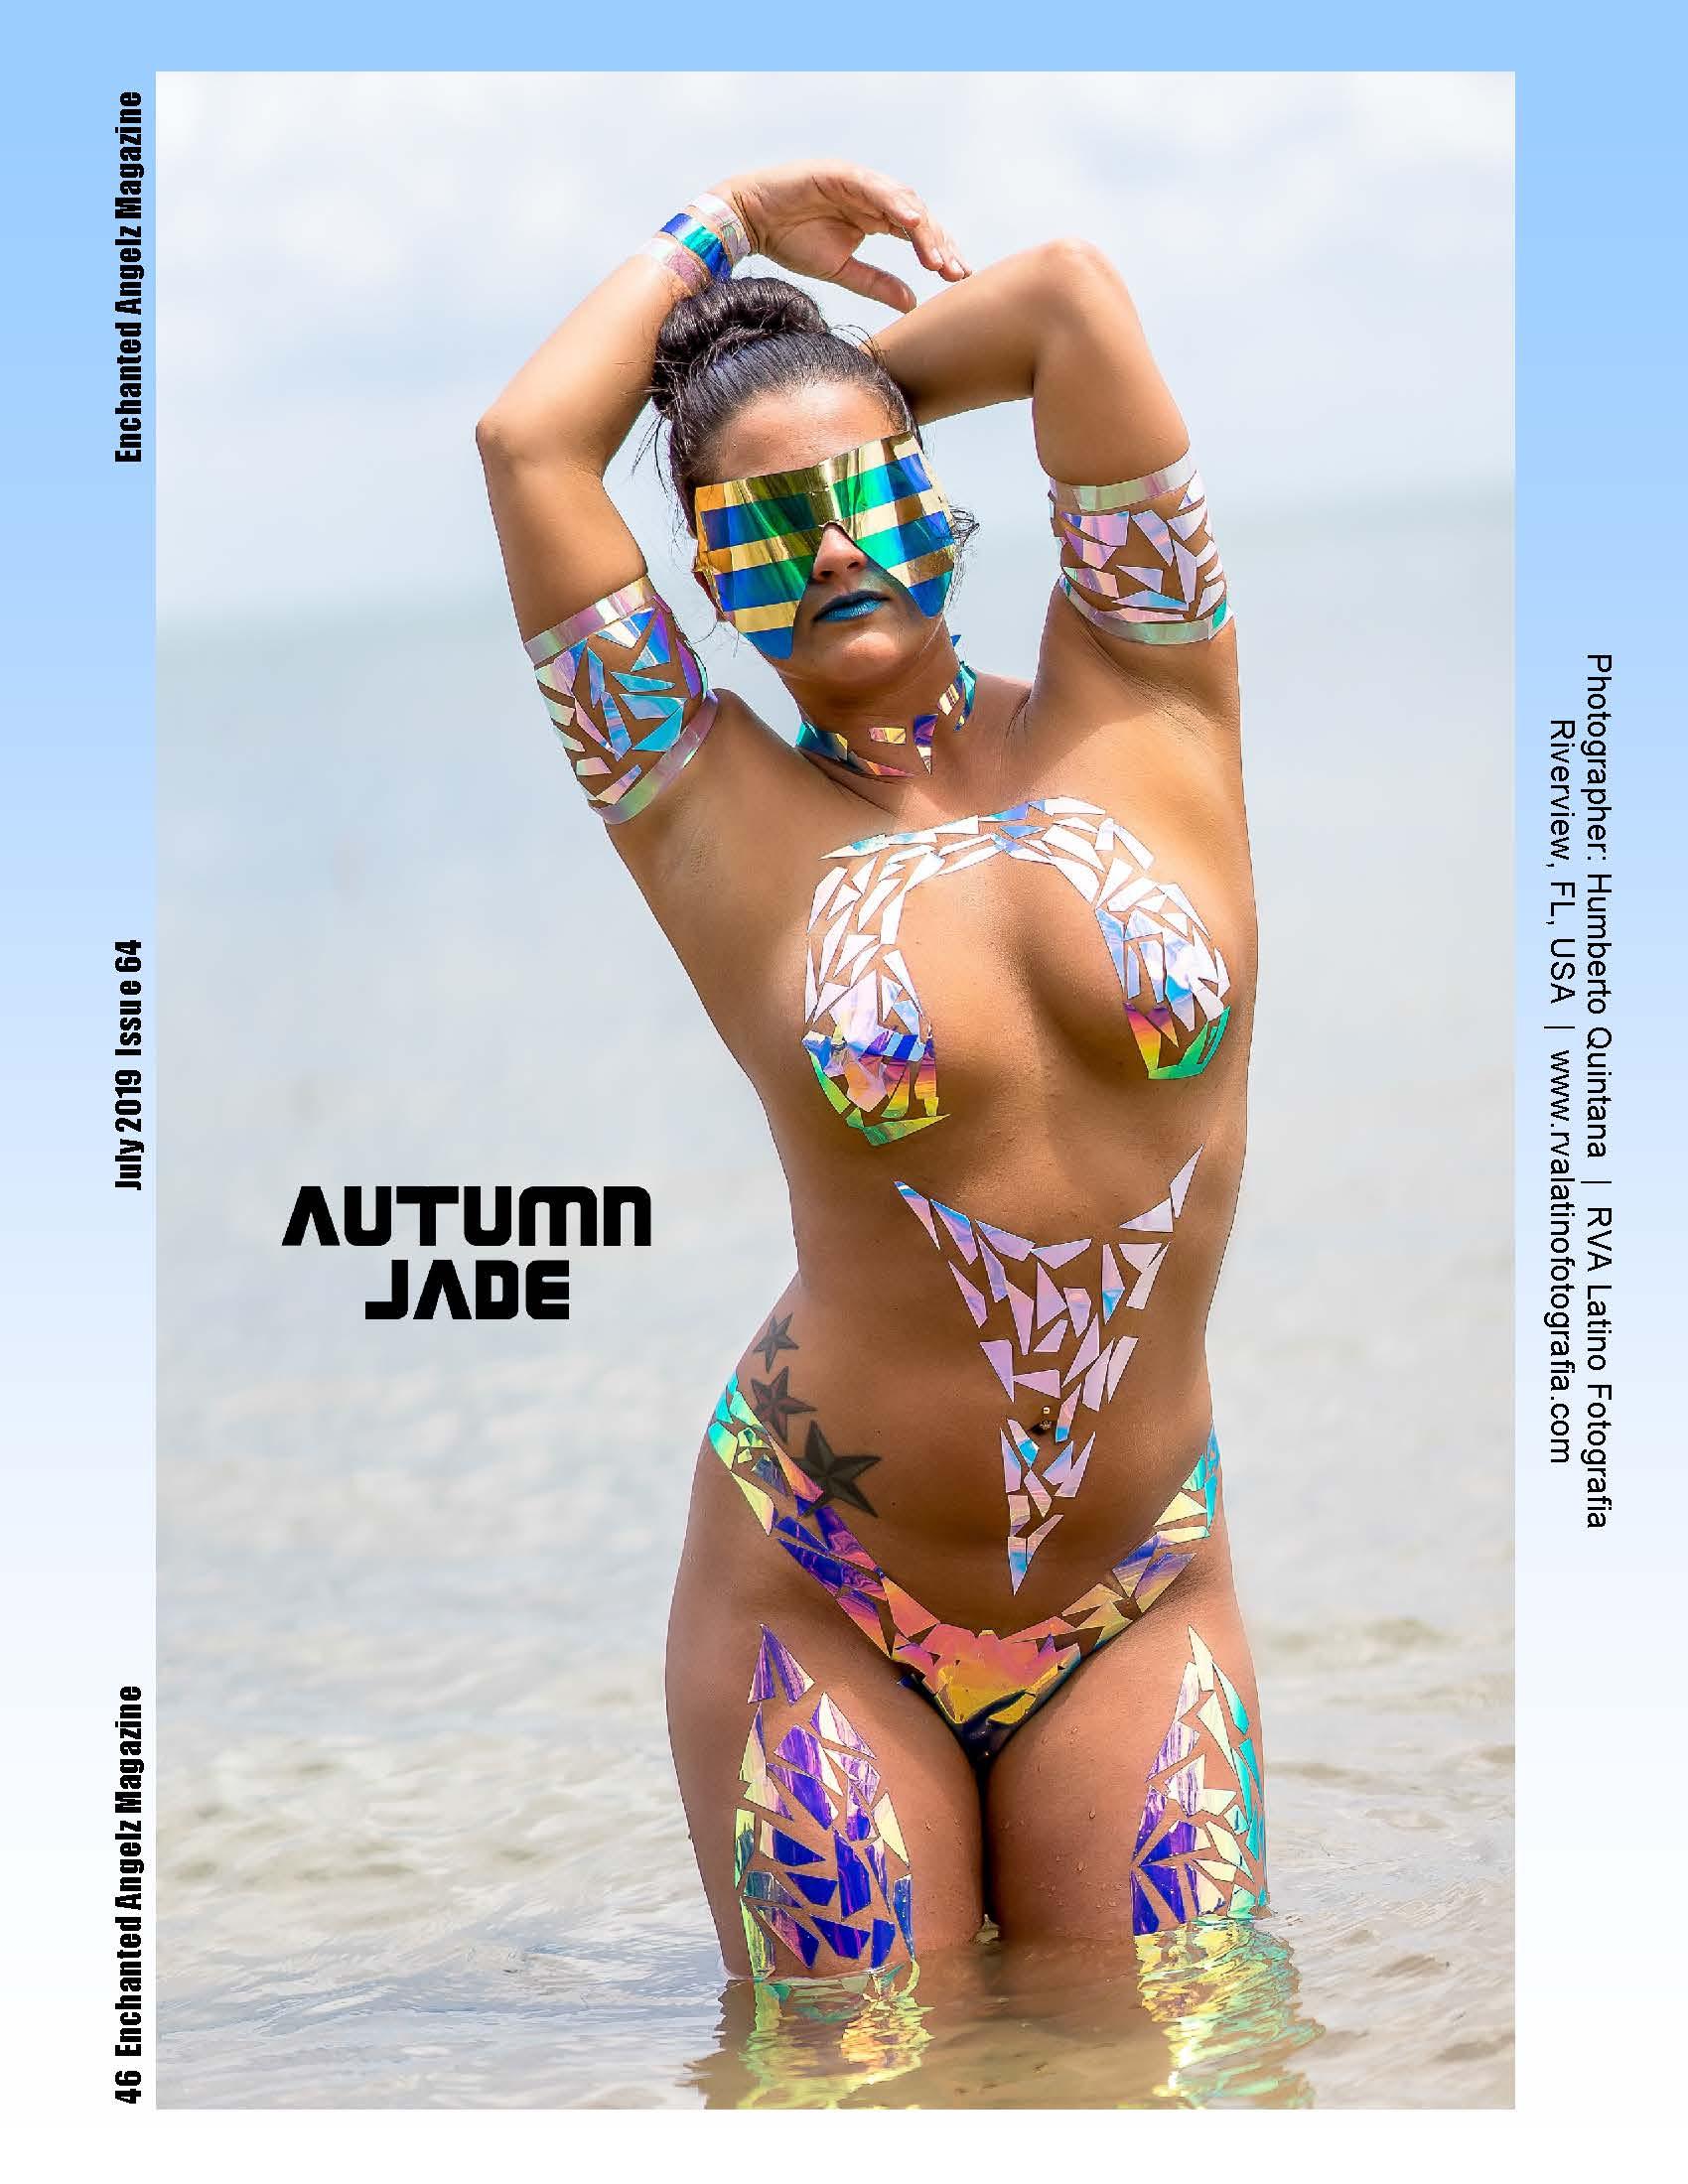 Autumn Jade - Jul 2019